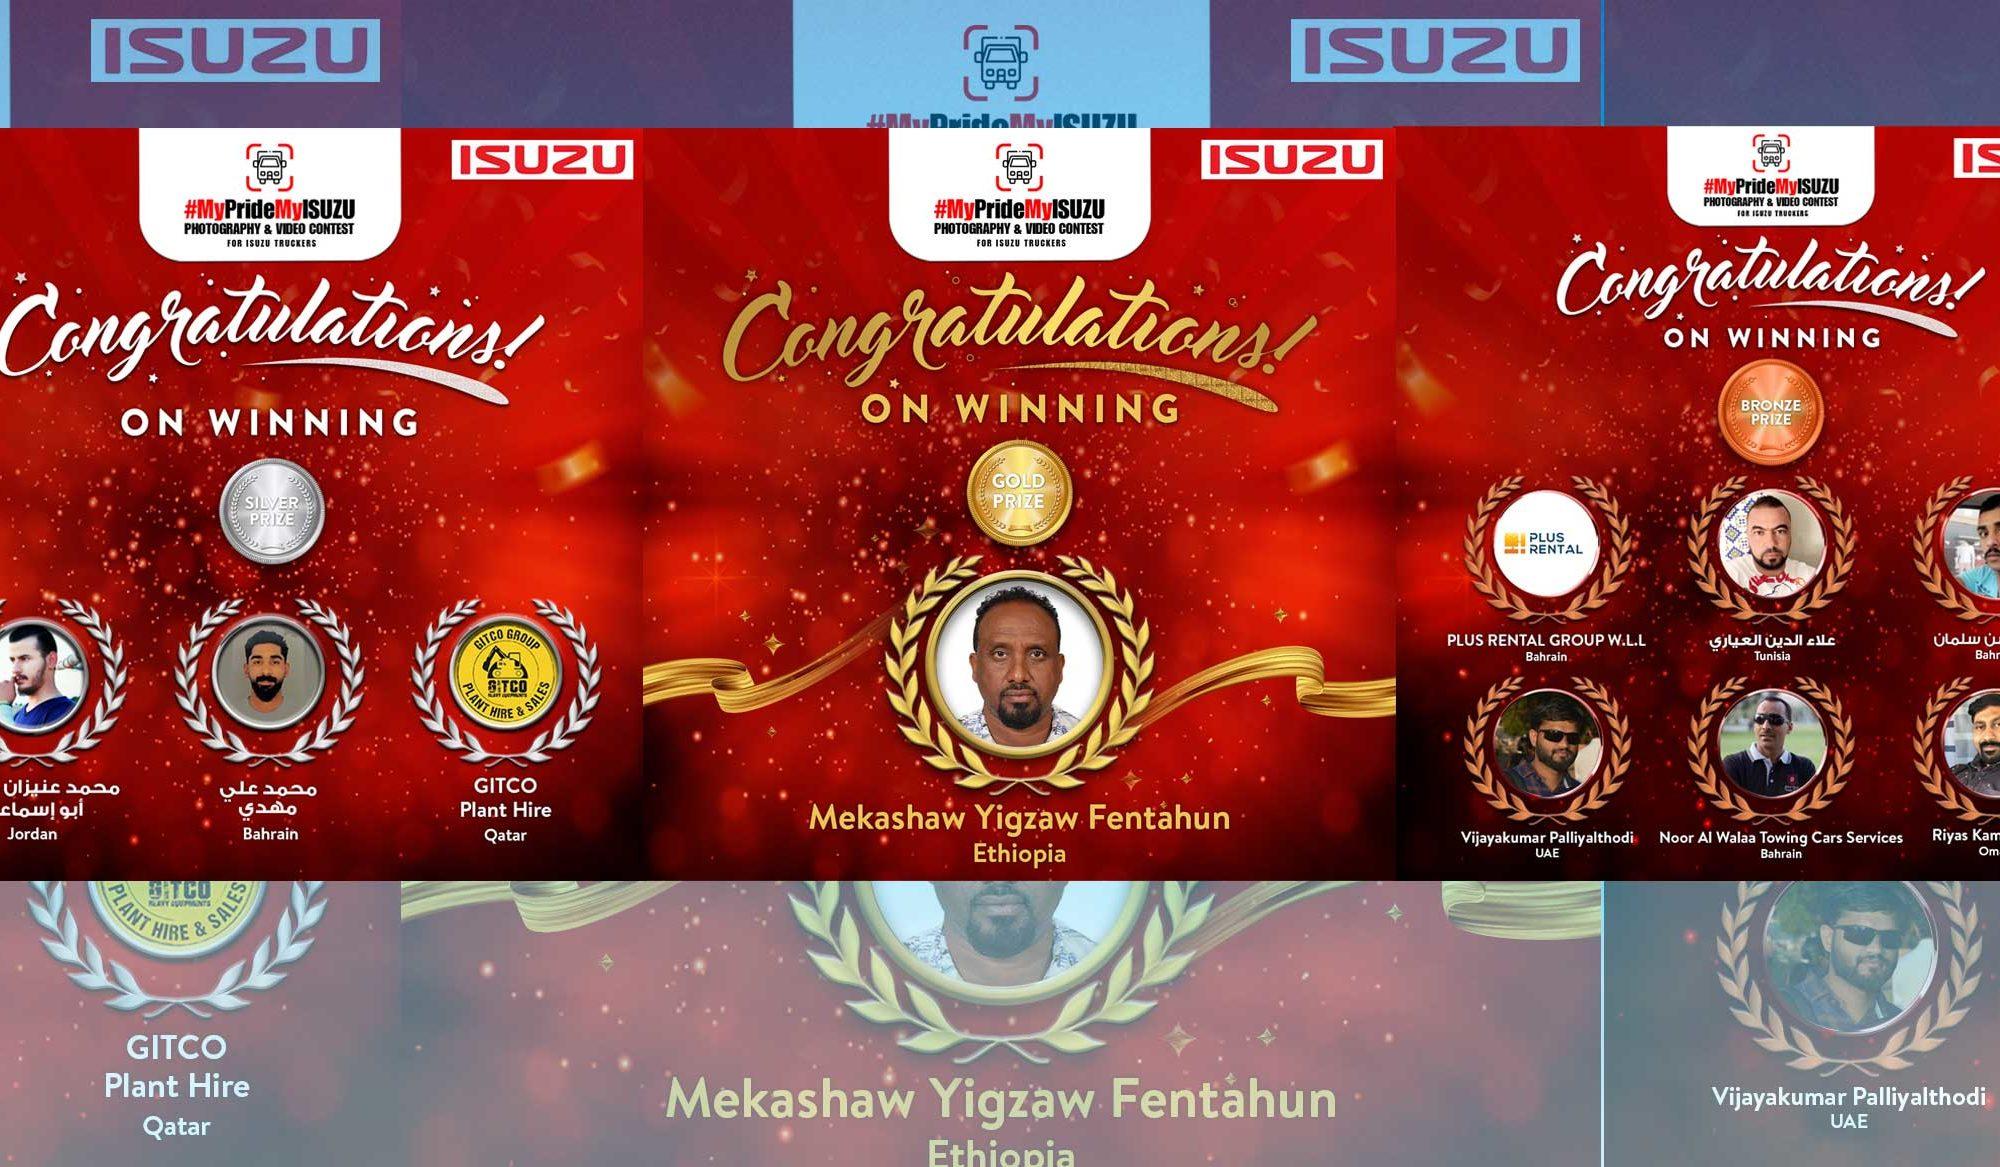 Winner-Announcement-My-Pride-My-ISUZU-Web-Banner